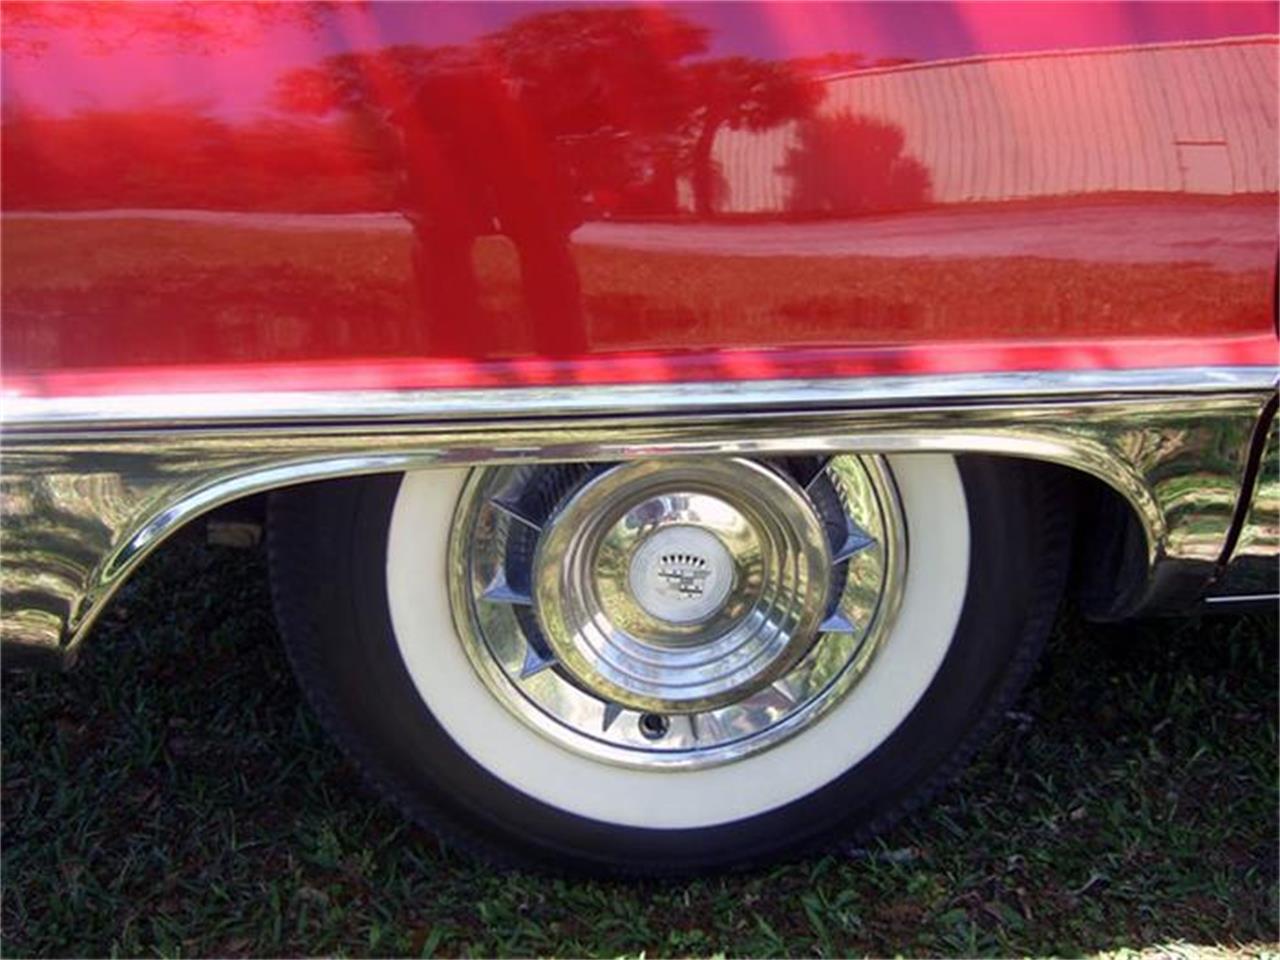 Large Picture of Classic 1958 Cadillac Eldorado Brougham - $169,900.00 - B3EW